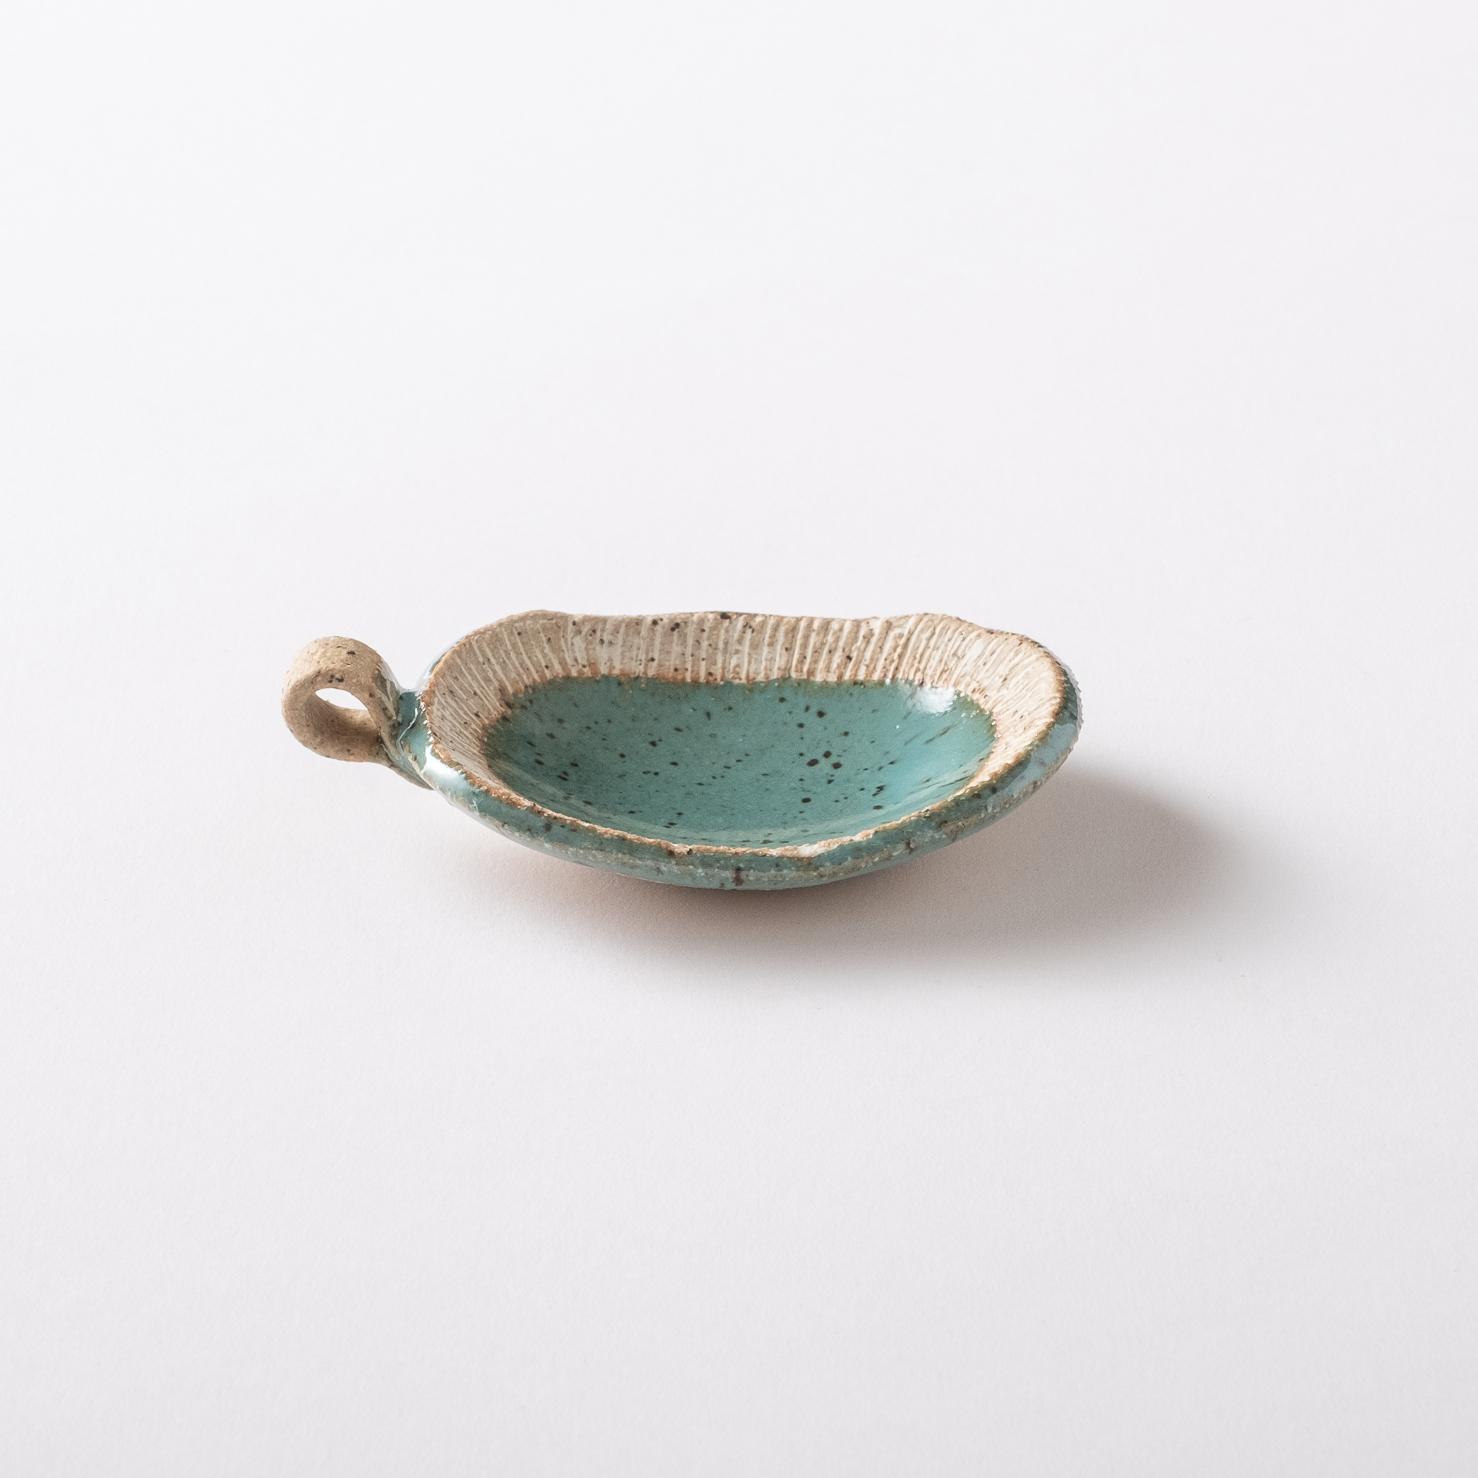 【美濃焼】かわいい豆皿「窯ぐれ 青均窯 豆皿」